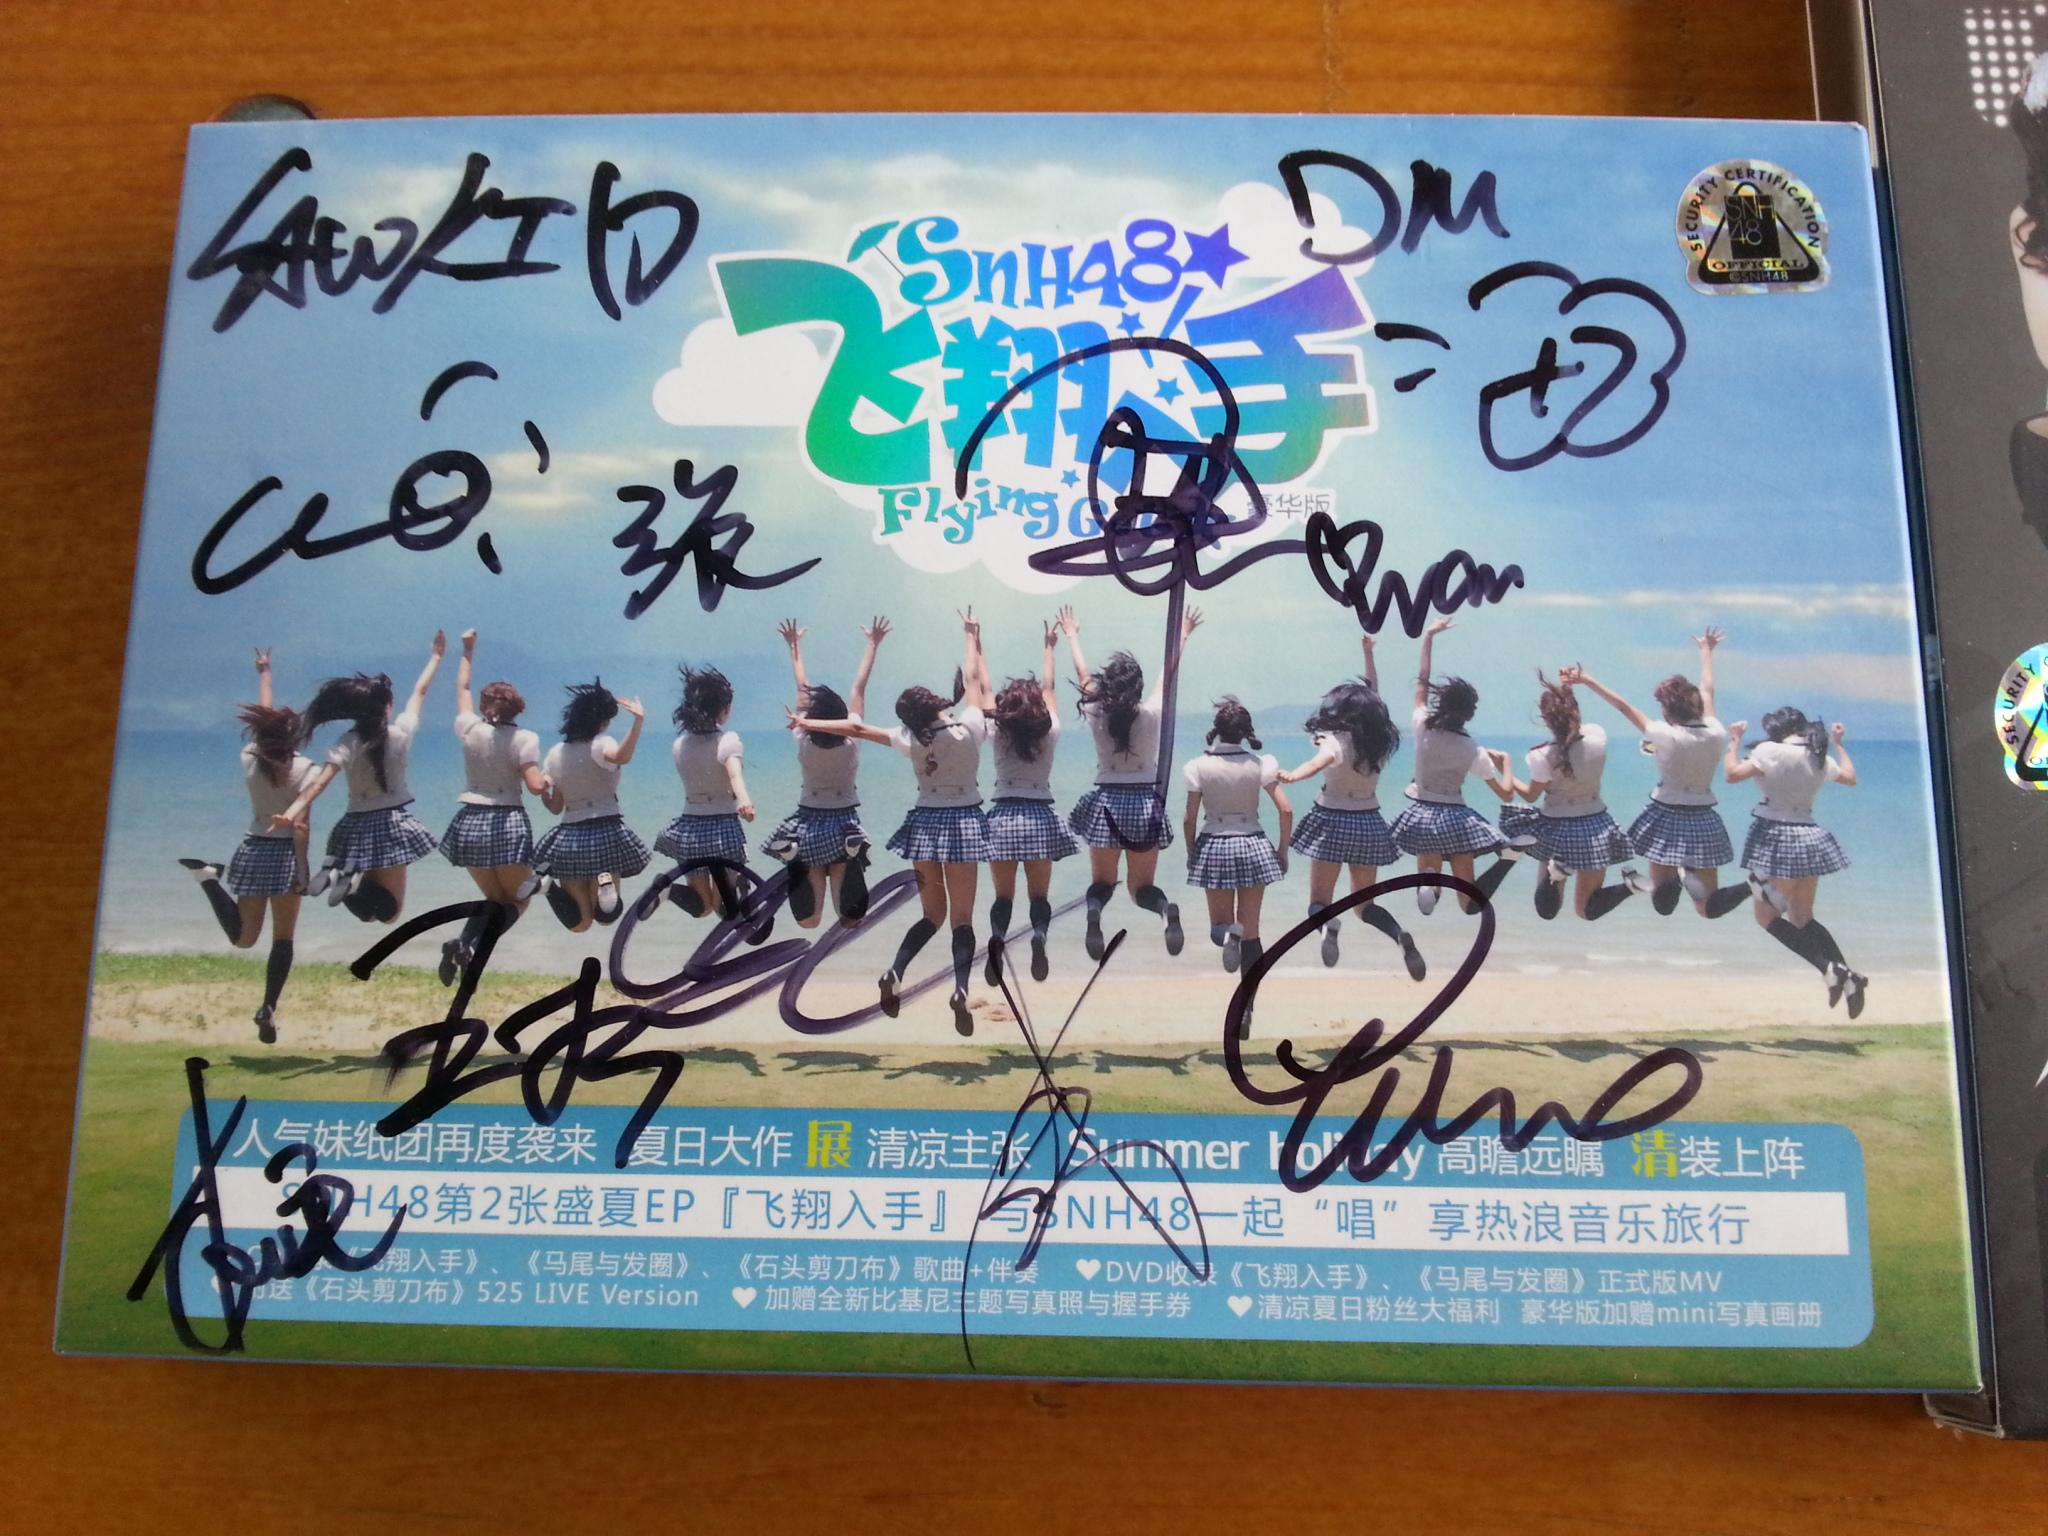 【SNH48】上海からの贈り物(メンバー直筆サイン付きCDなど)